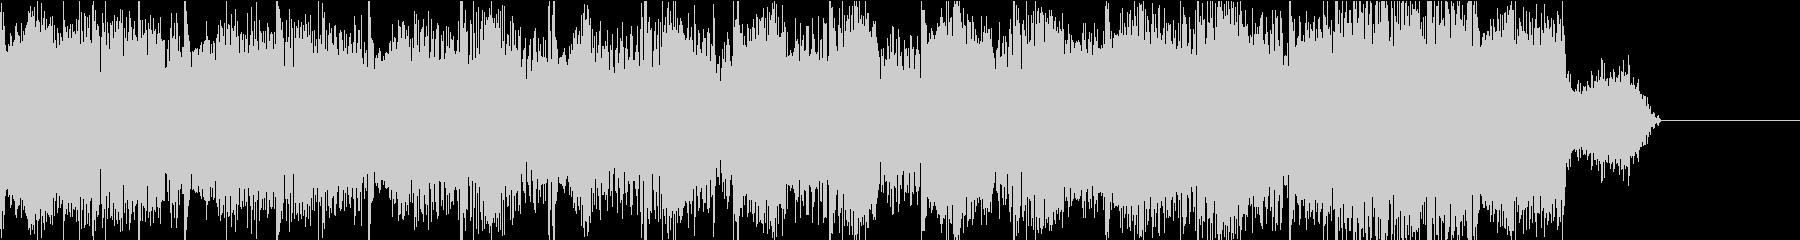 カッコイイUKハードコアテクノのジングルの未再生の波形